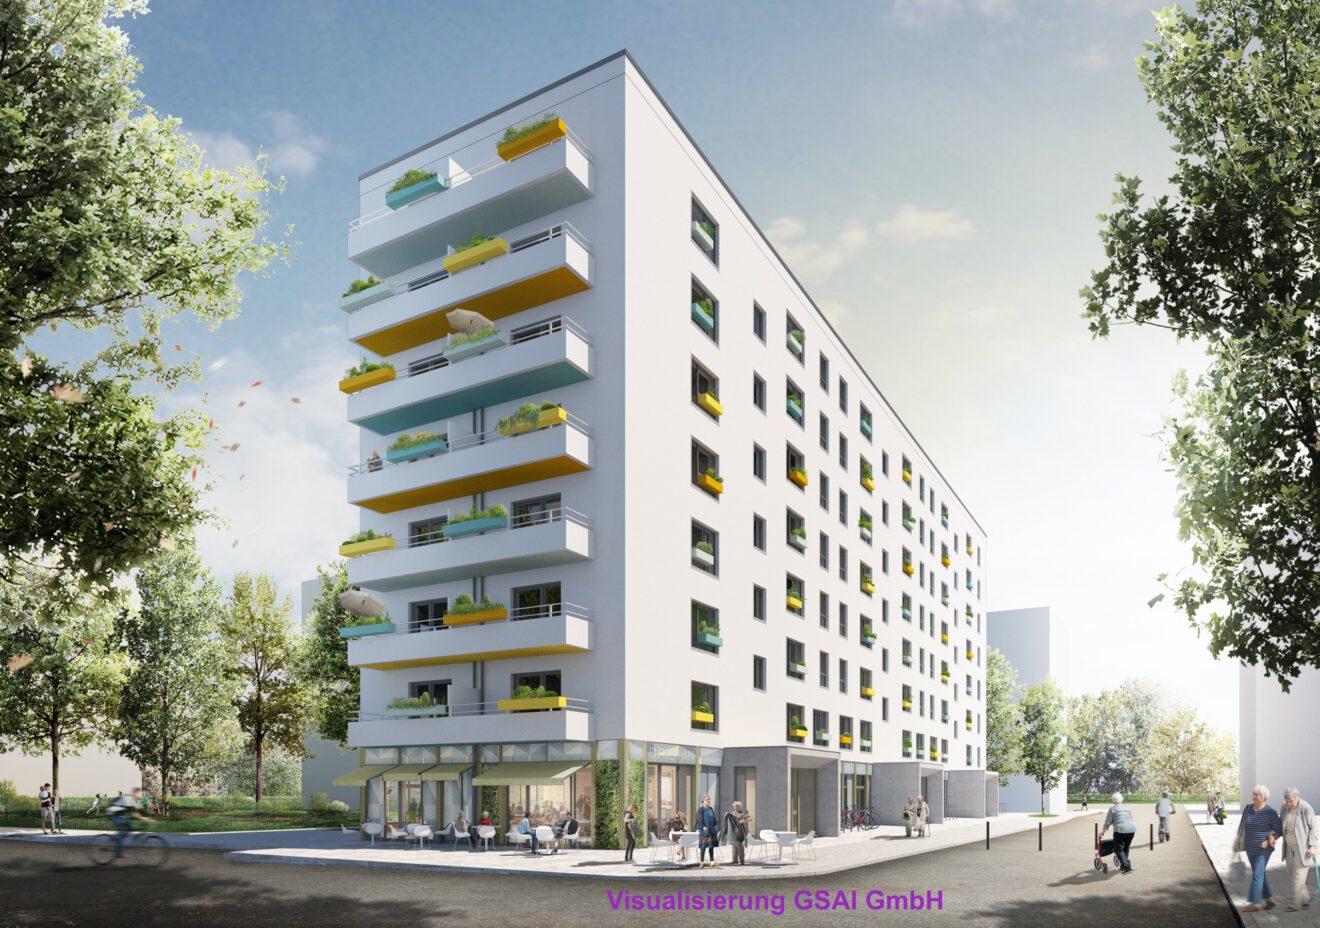 Wohnprojekt RuT-FrauenKultur&Wohnen